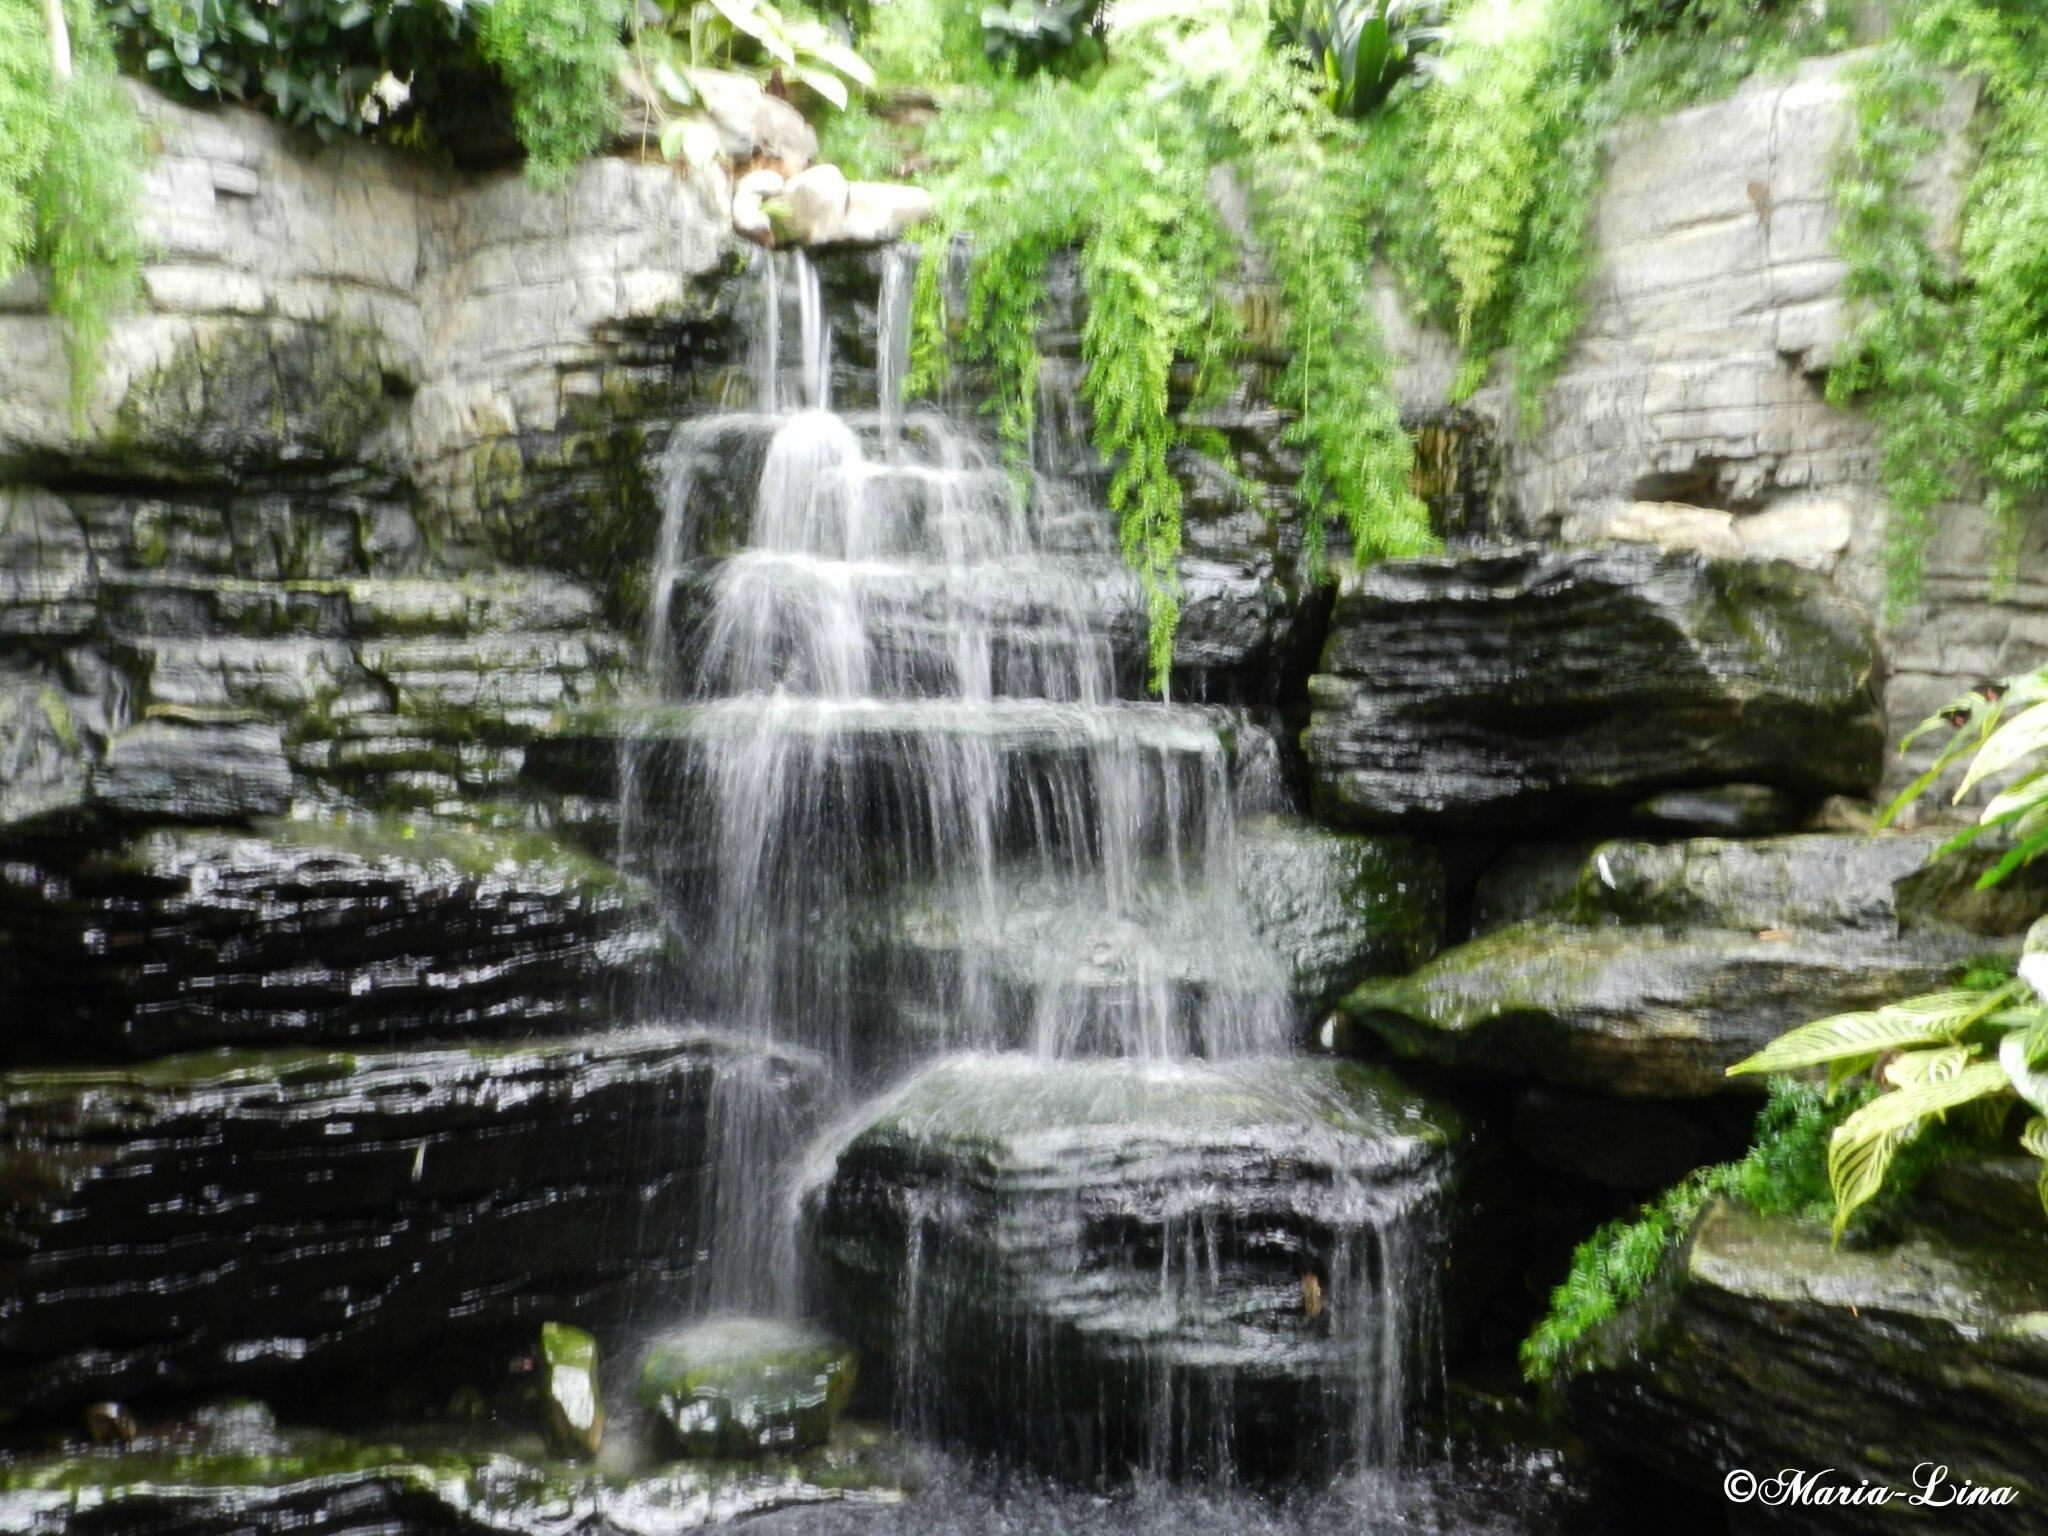 Chute d 39 eau les douceurs de maria lina for Cascade d eau jardin